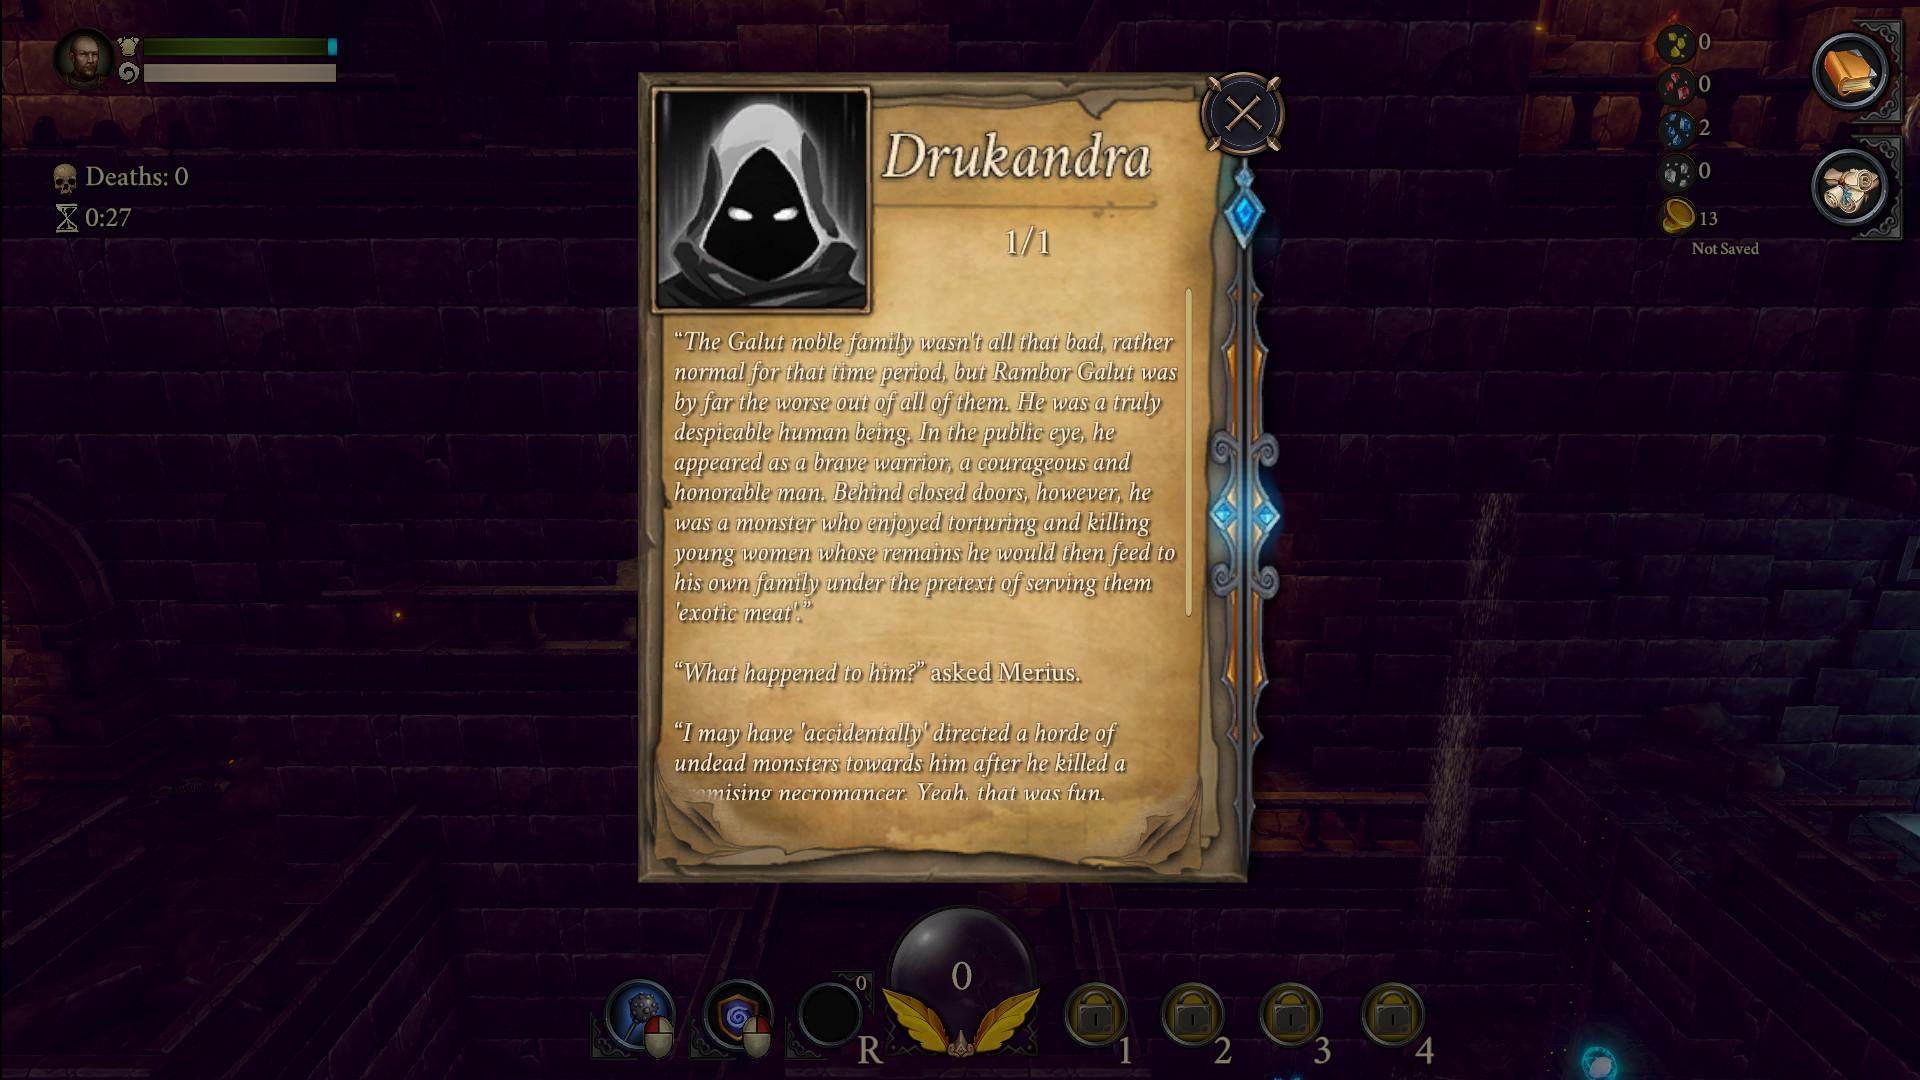 azuran_tales_trials-10.jpg - -